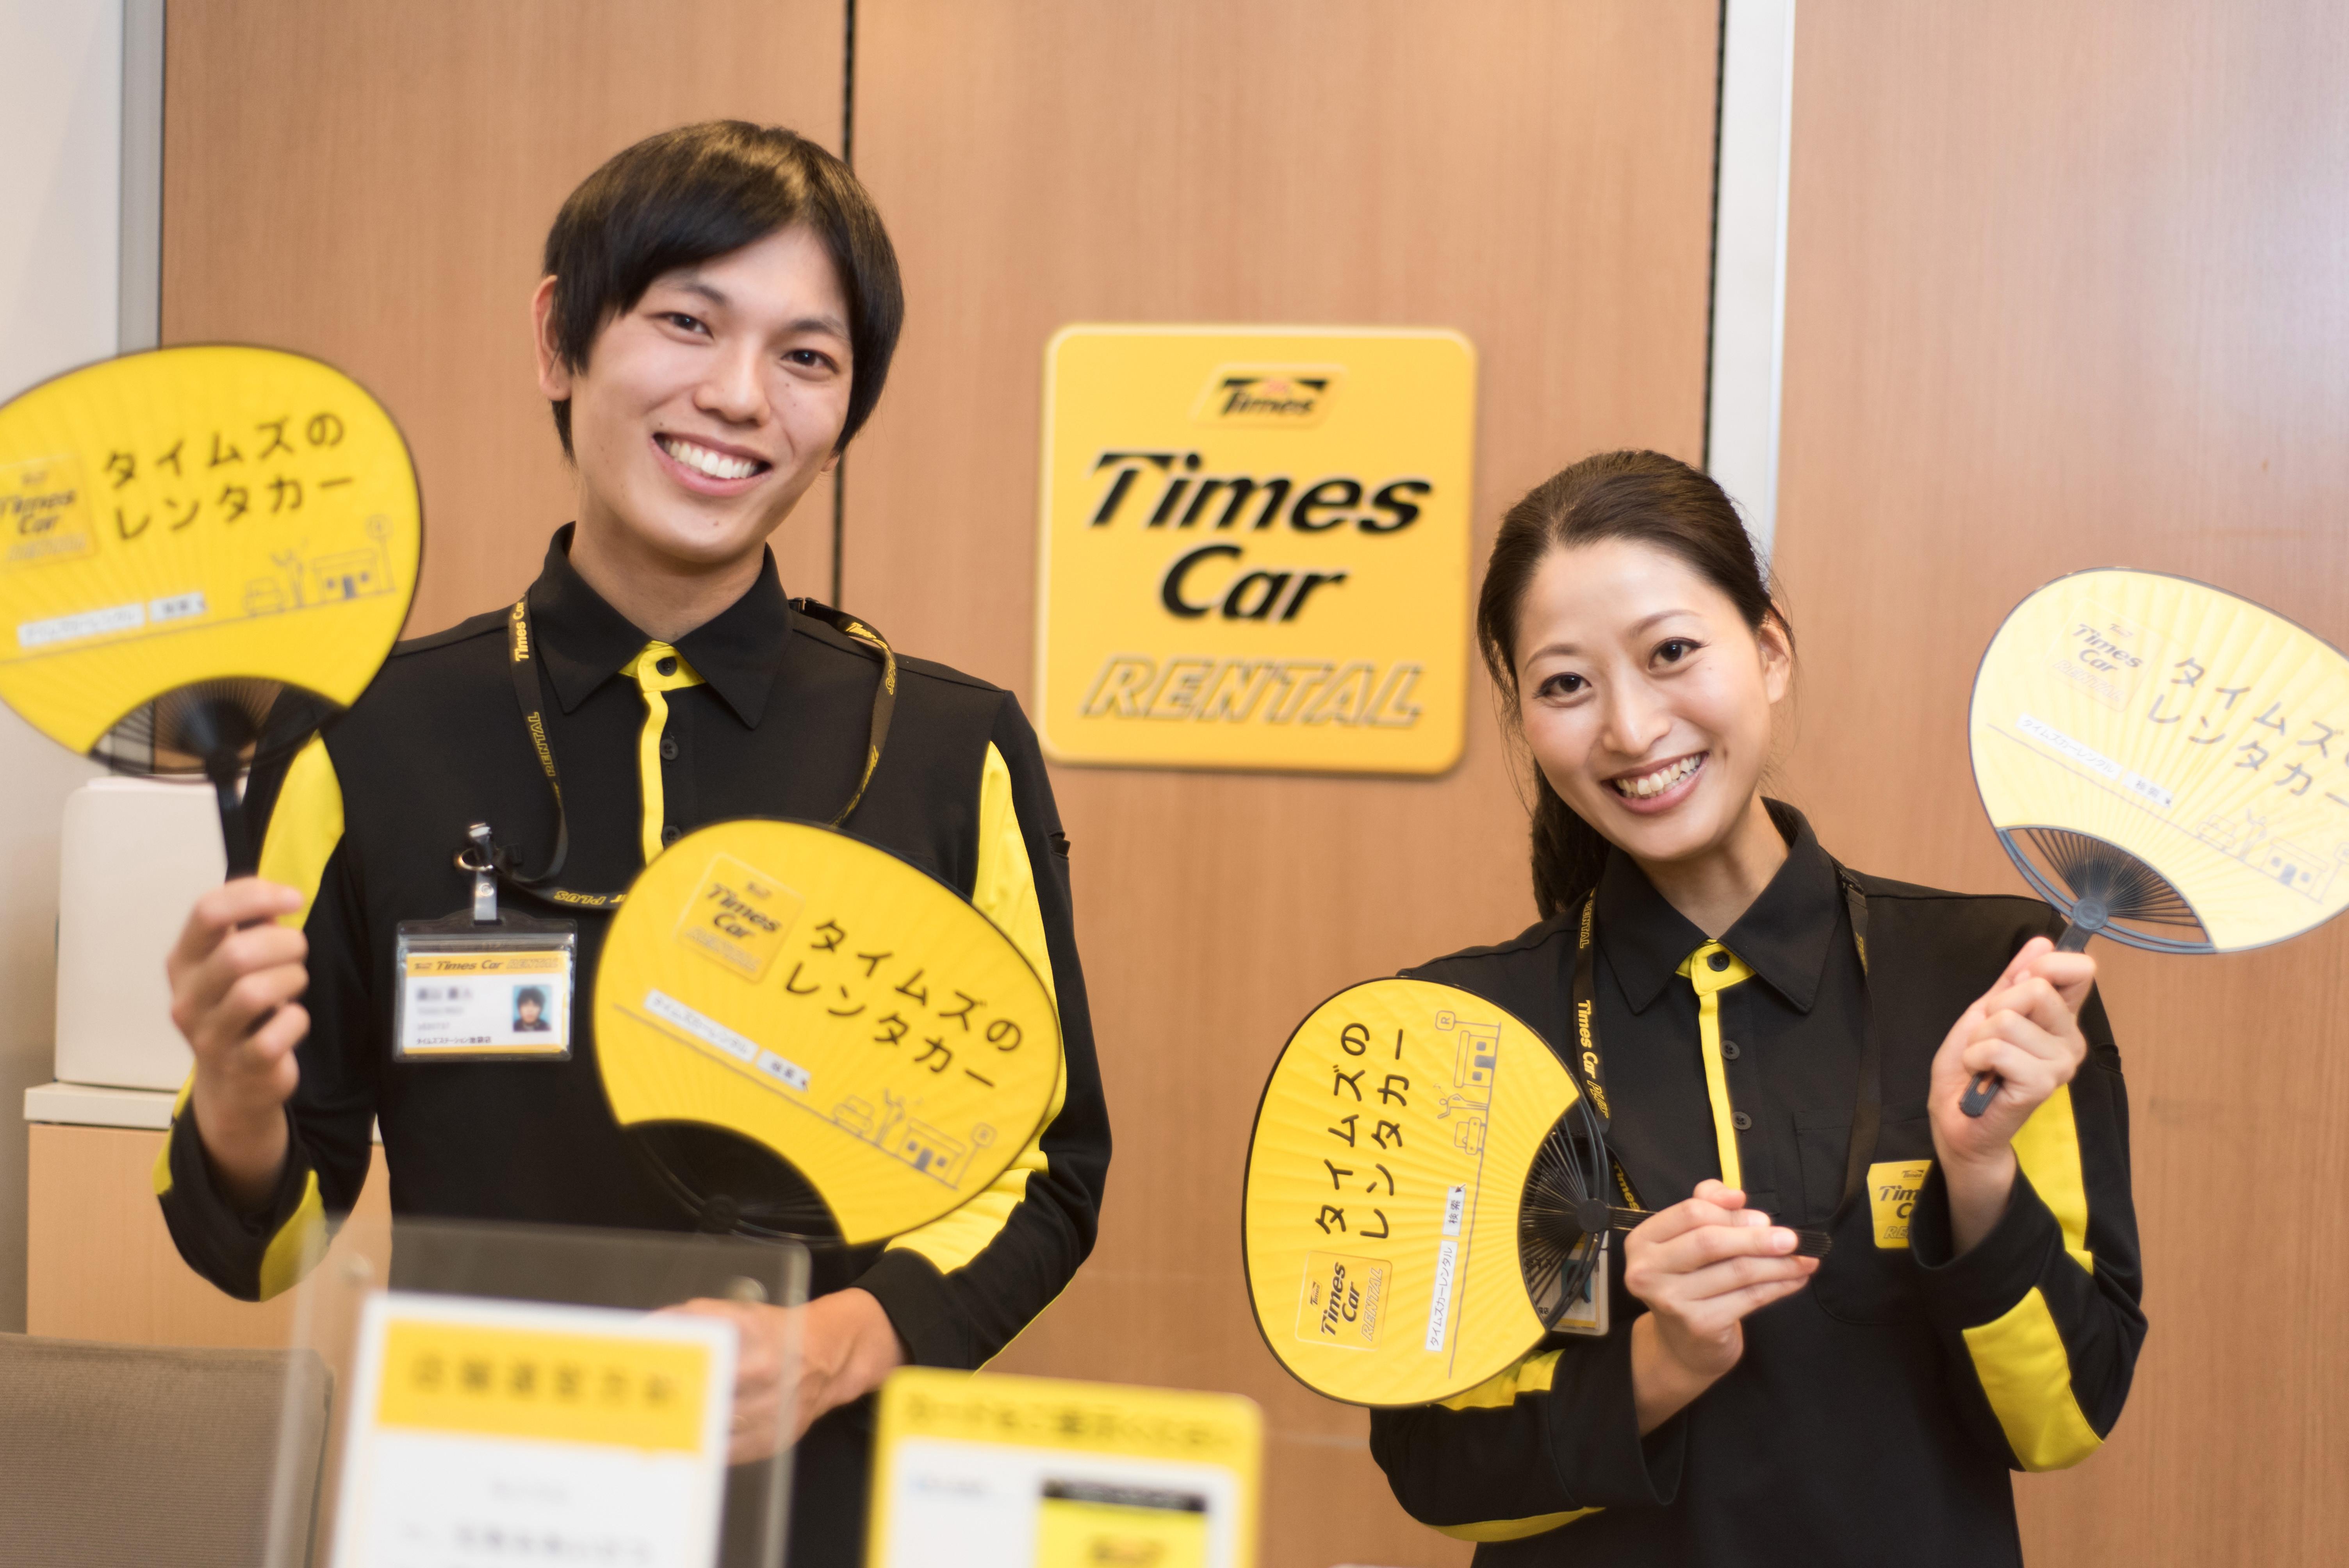 タイムズカーレンタル 京橋店 のアルバイト情報